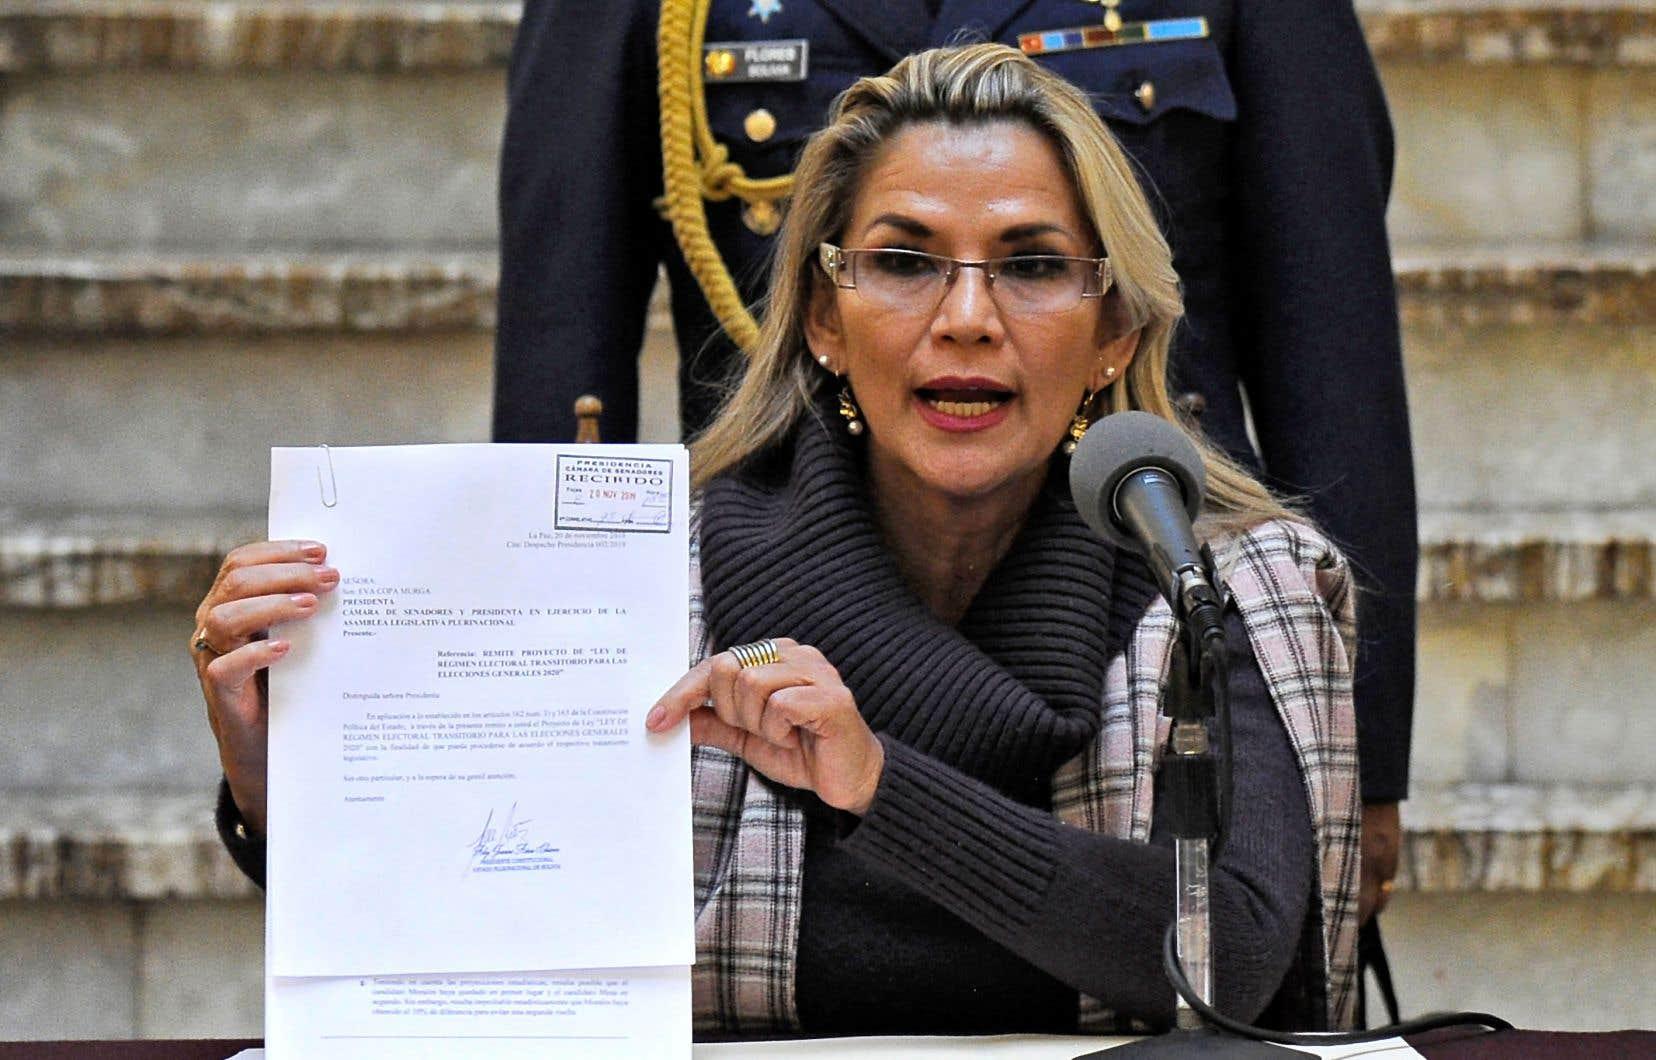 La présidente par intérim de la Bolivie, Jeanine Añez, conserve la possibilité de promulguer un décret présidentiel pour convoquer des élections.